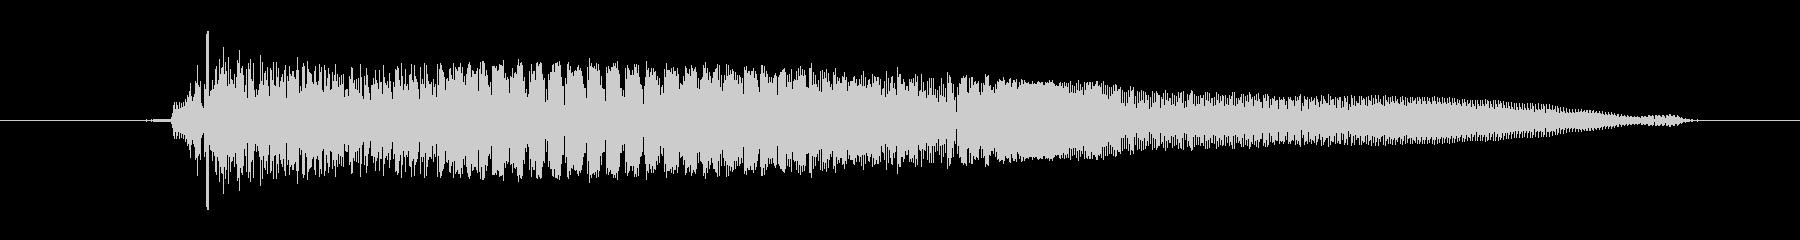 ドワーフ 応援ジュフ02の未再生の波形